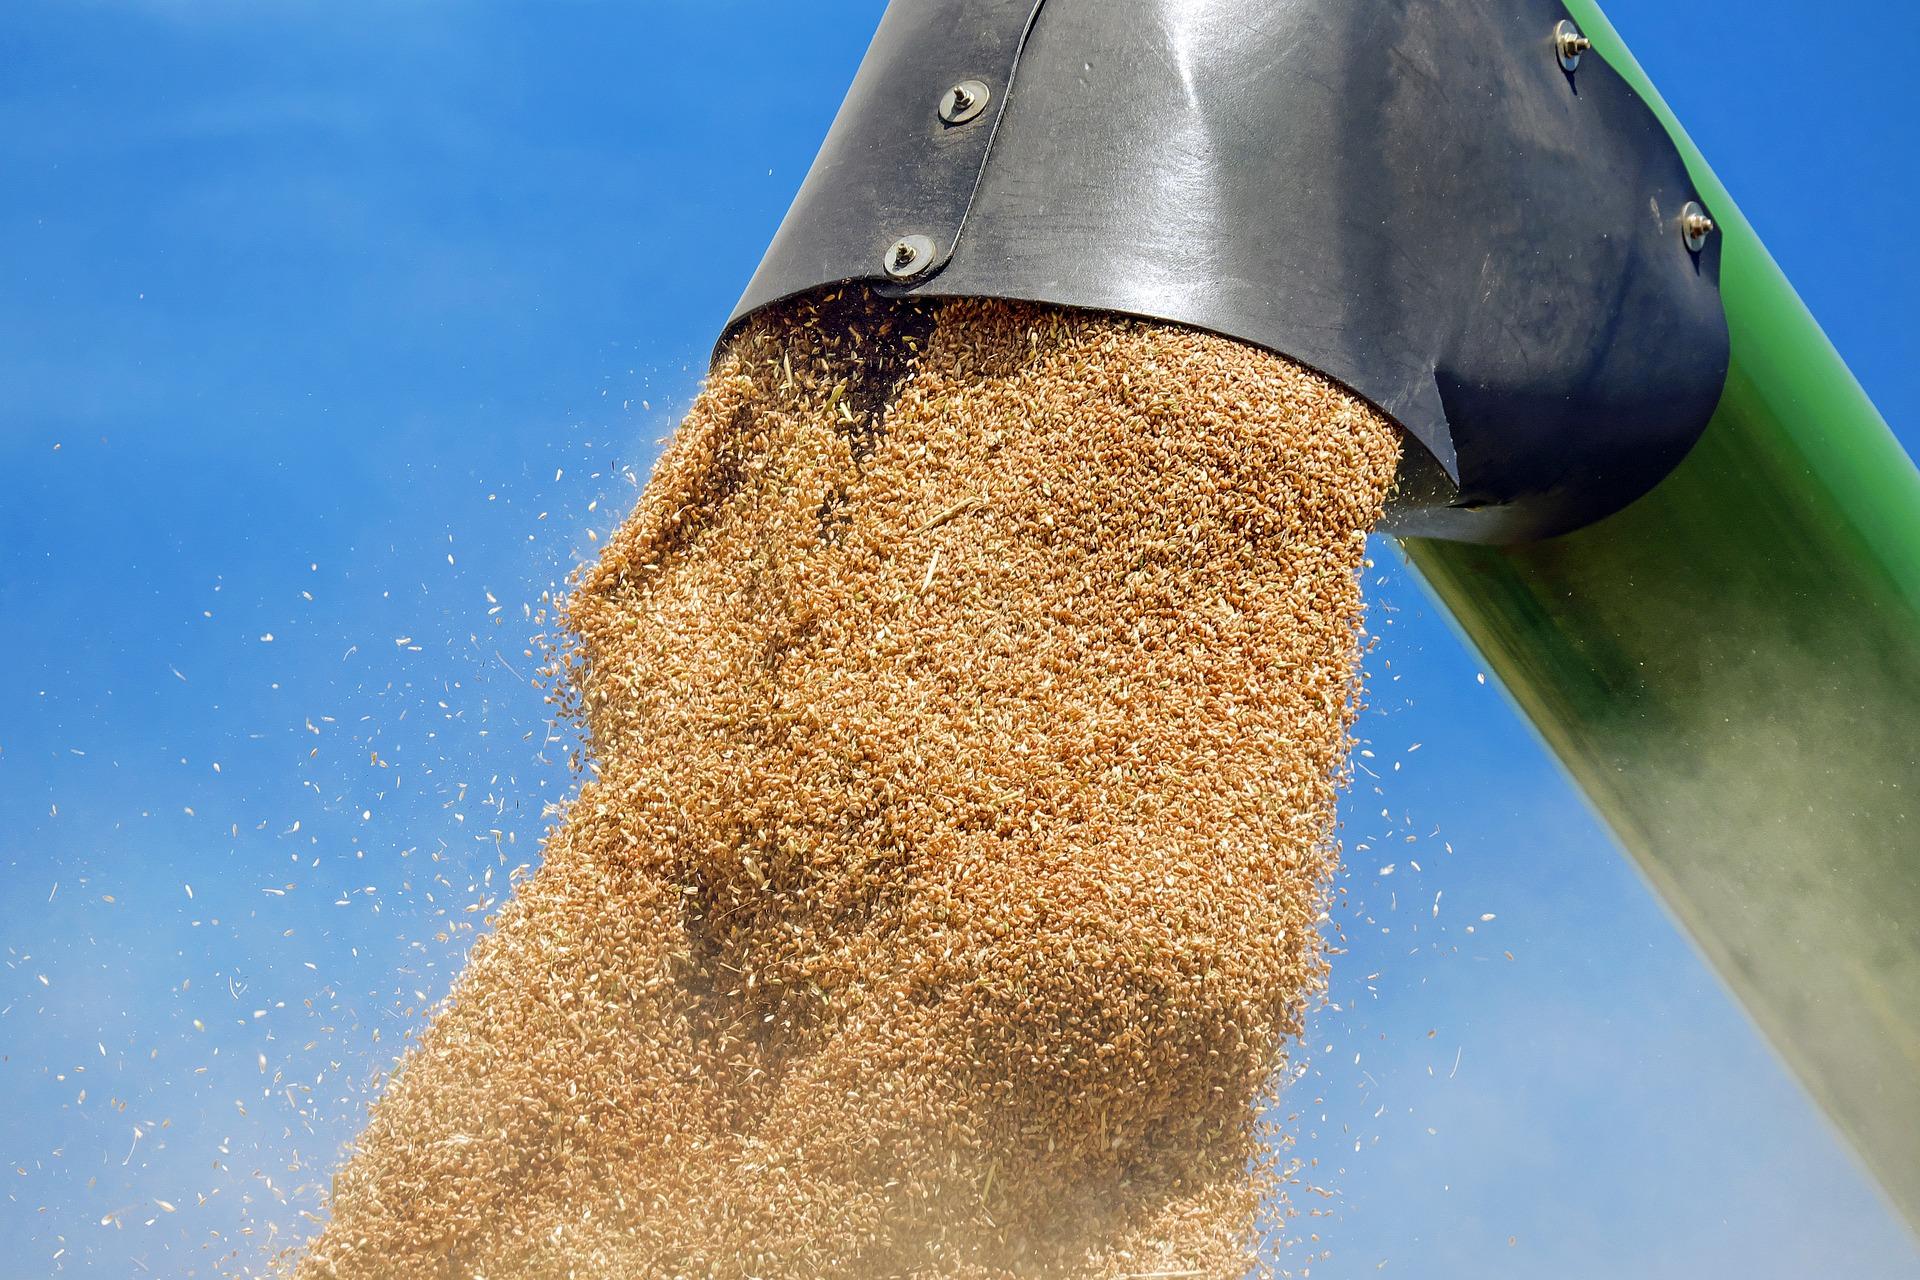 Терминал для погрузки зерна хотят построить в Нижегородской области  - фото 1